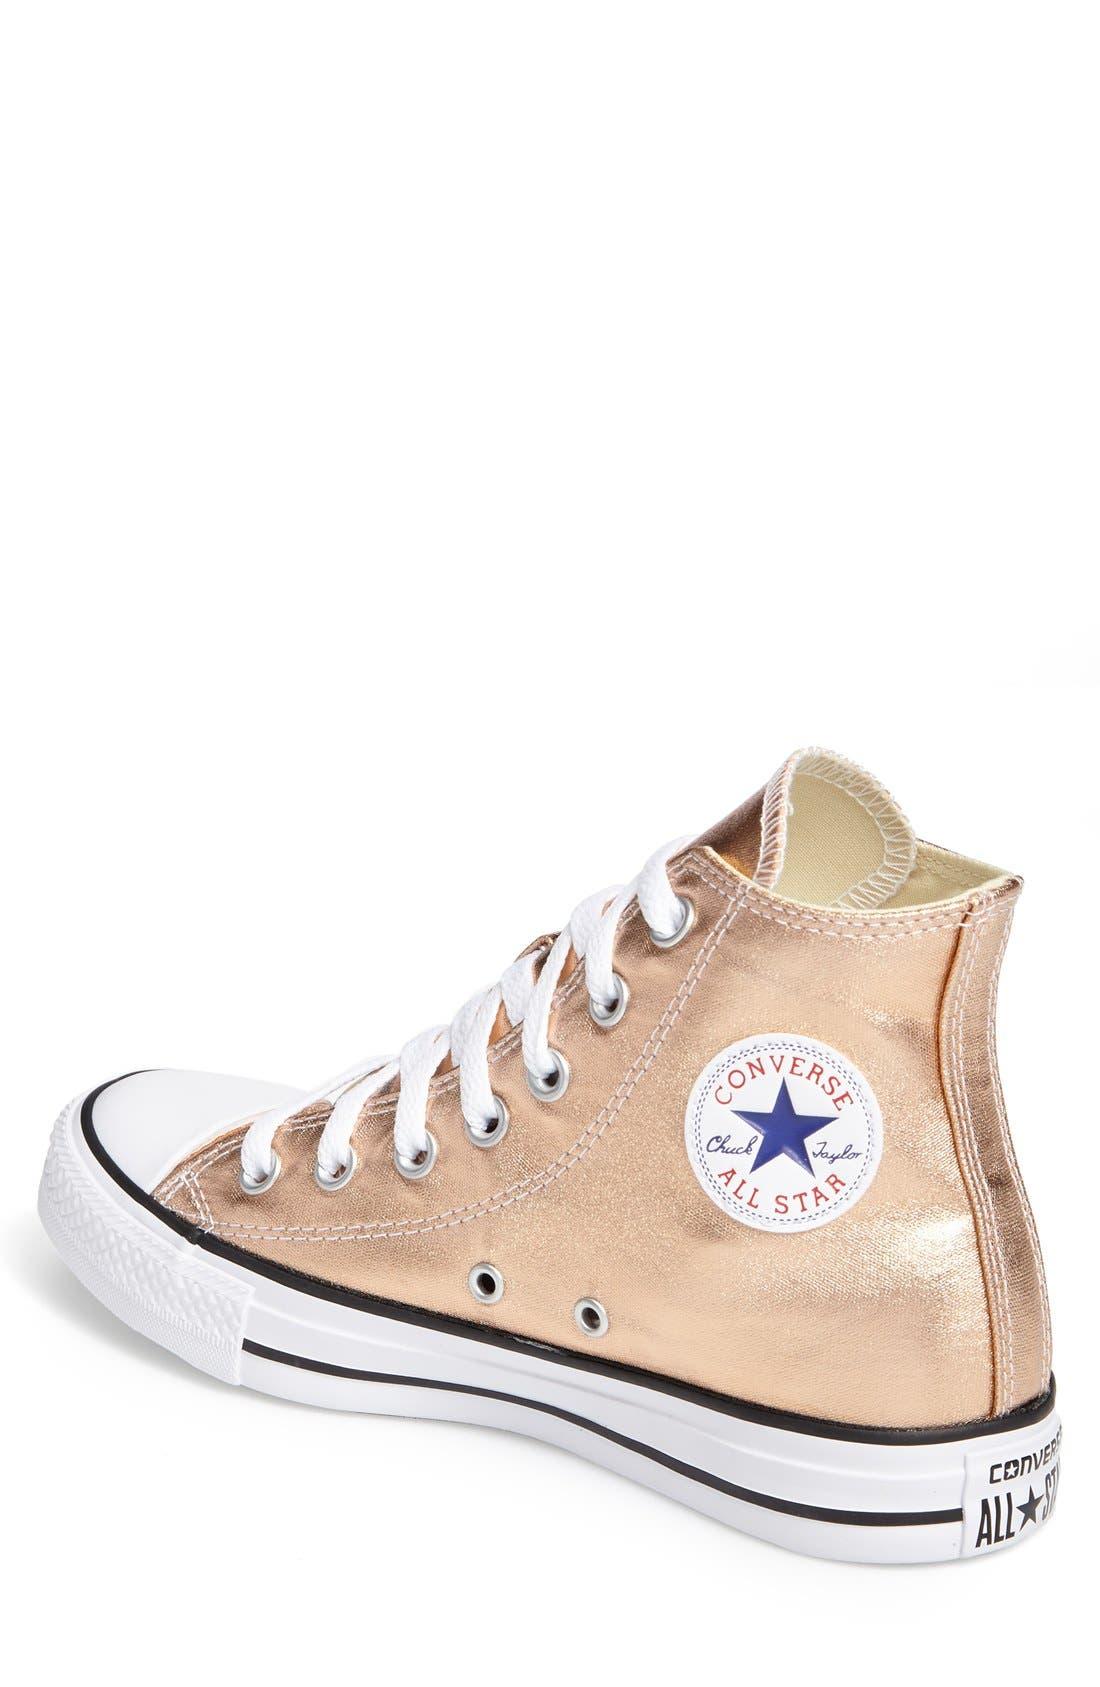 Alternate Image 2  - Converse Chuck Taylor® All Star® Metallic High Top Sneaker (Women)